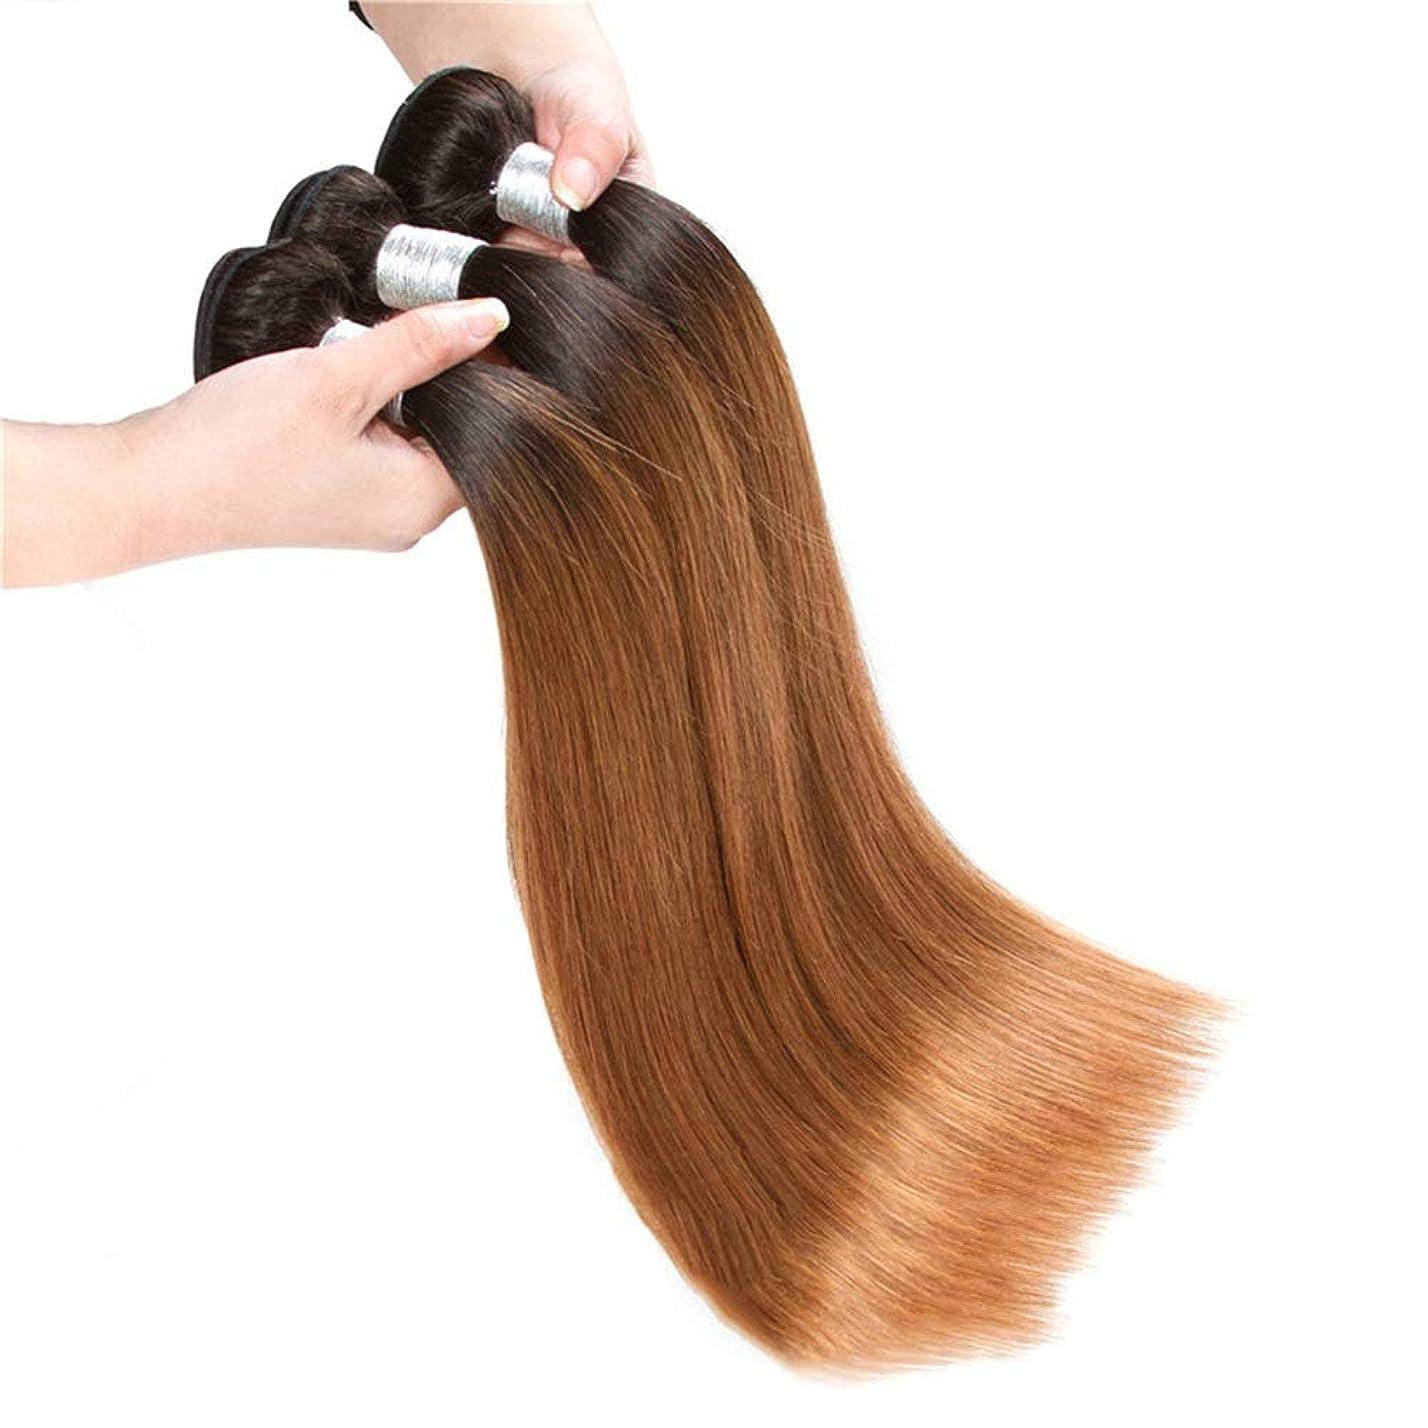 かつら ブラジルのオンブル髪織りバンドルストレート人間の髪の毛の拡張子 - 1バンドル - 1B / 30ブラックトゥブラウン2トーンカラー(100g / PC)ロングストレートウィッグウィッグ (色 : ブラウン, サイズ : 16 inch)